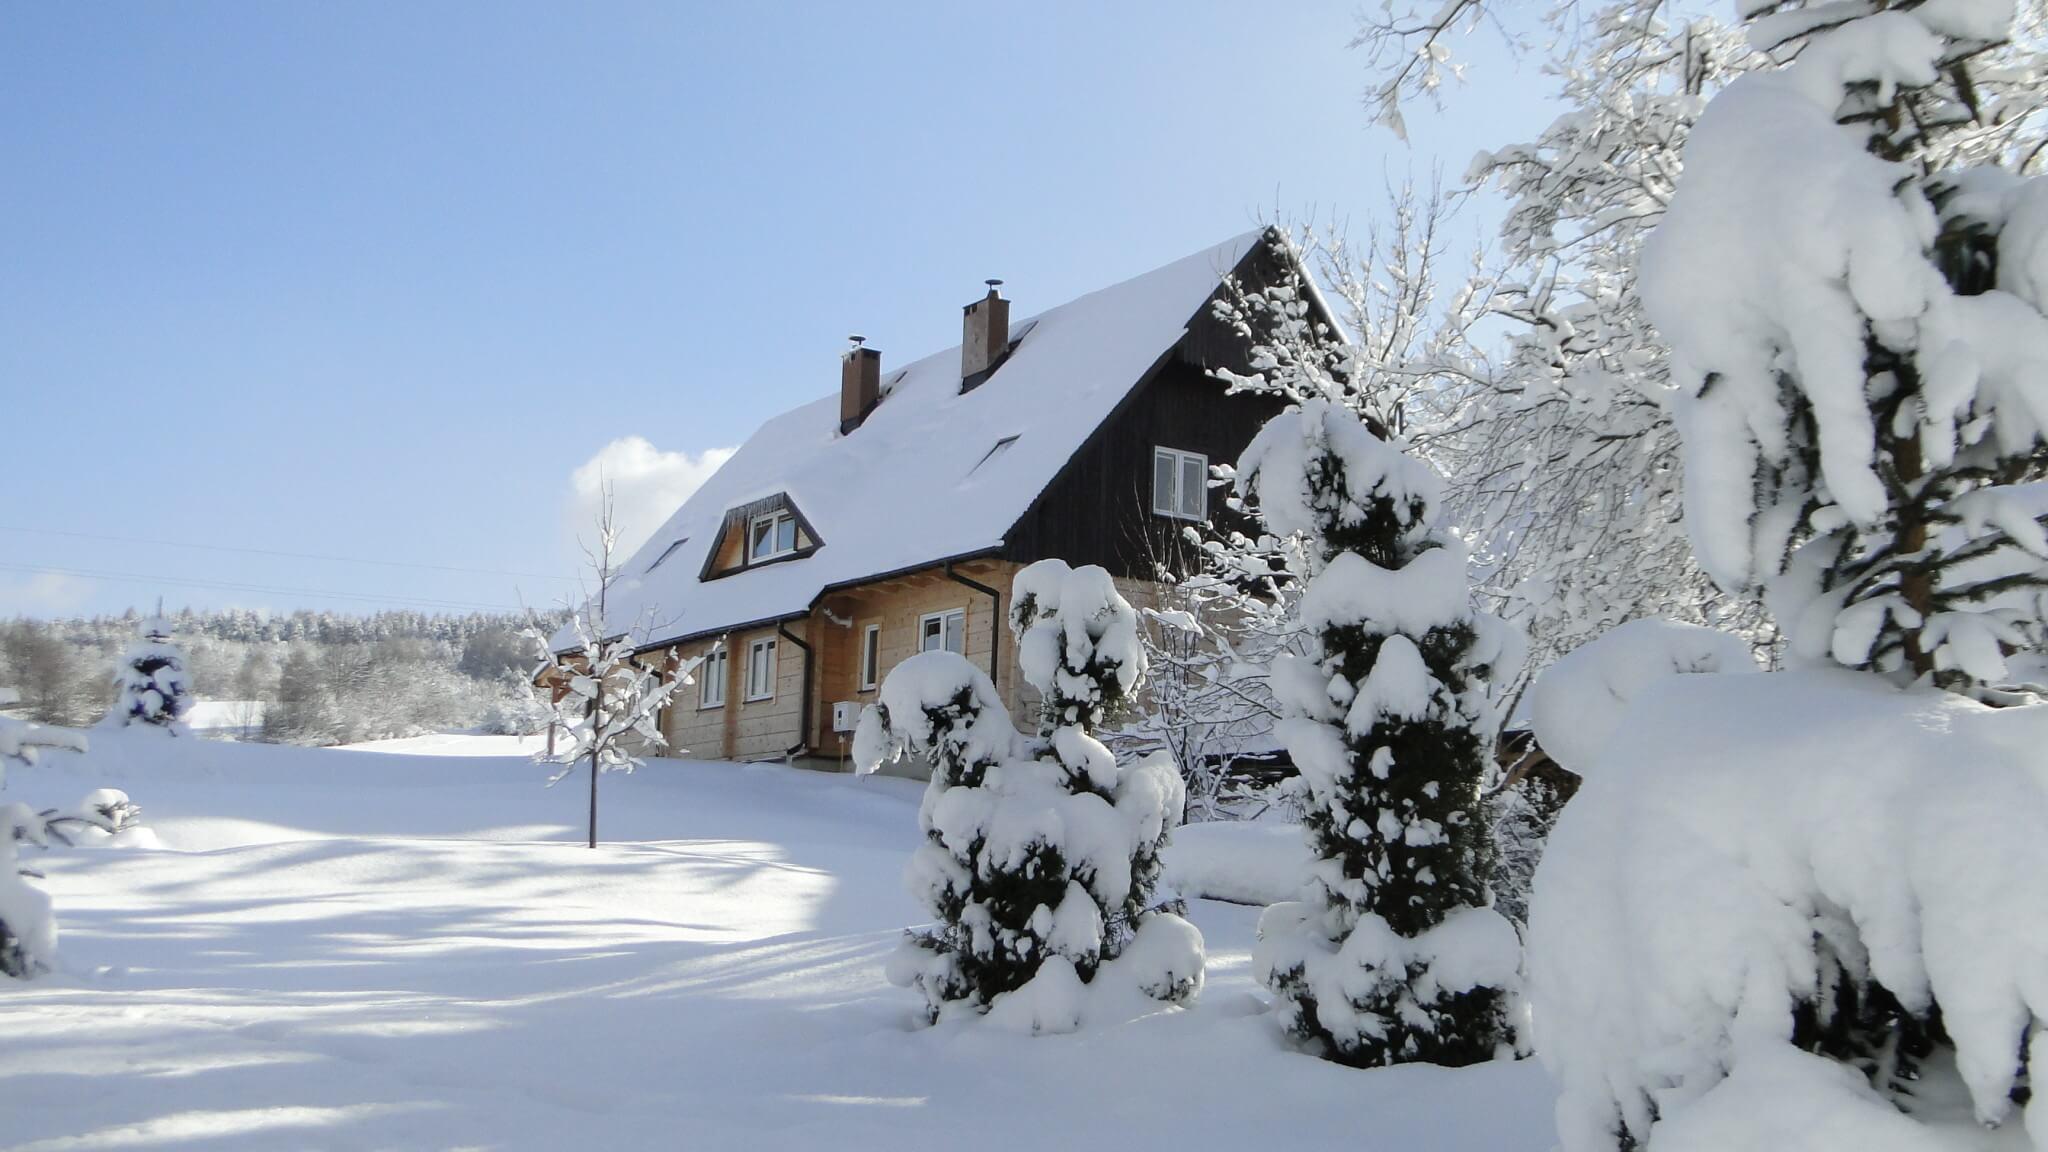 Lutowa zima - śnieżna imroźna 12